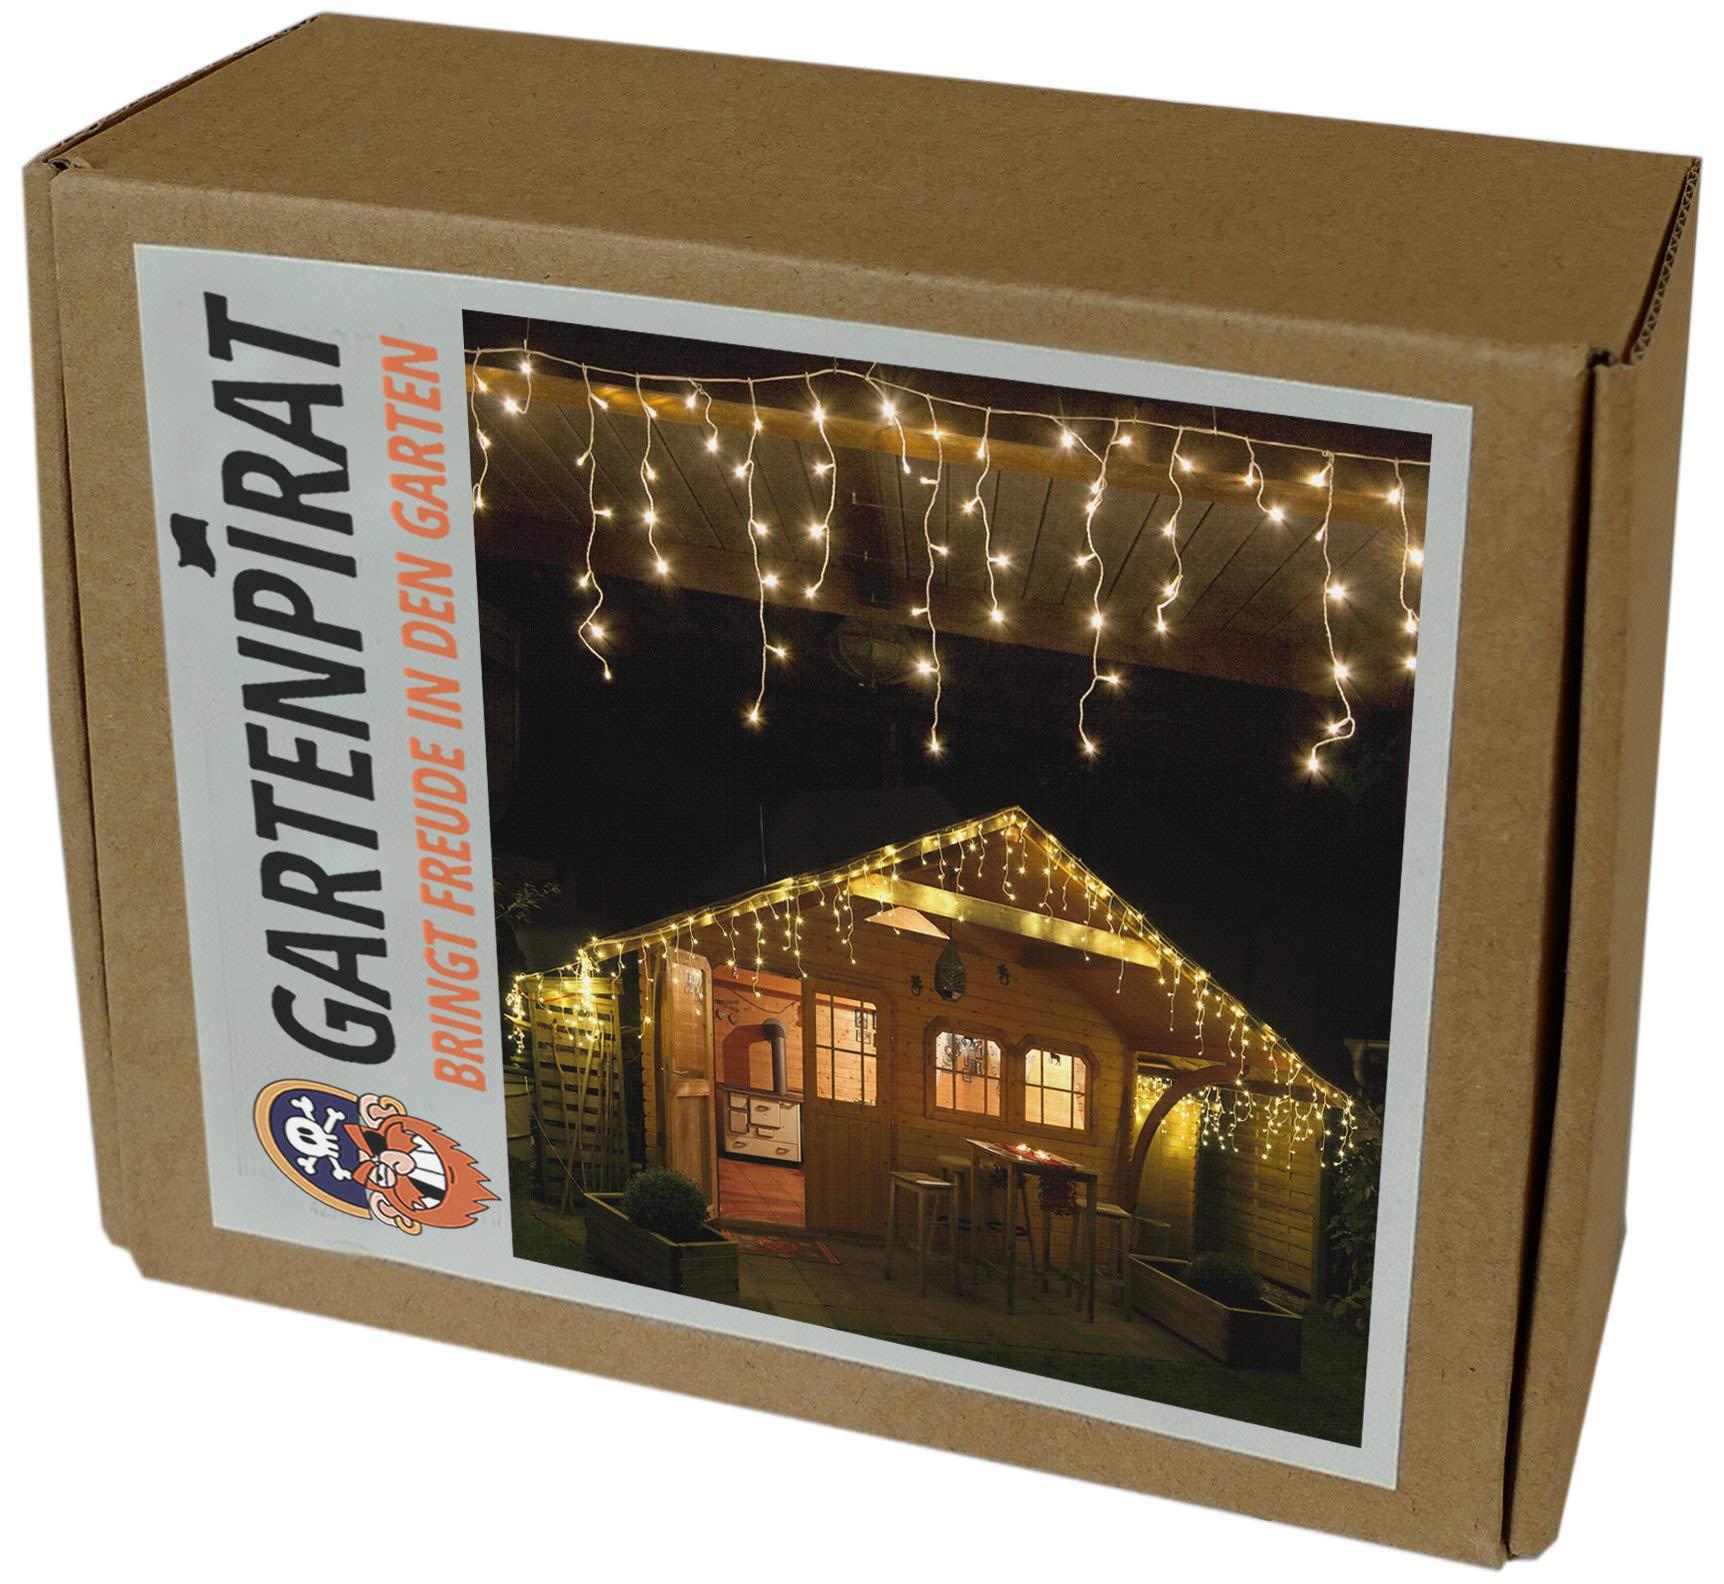 Gartenpirat-6-m-Eisregen-Lichterkette-mit-240-LED-warmwei-fr-aussen-und-innen